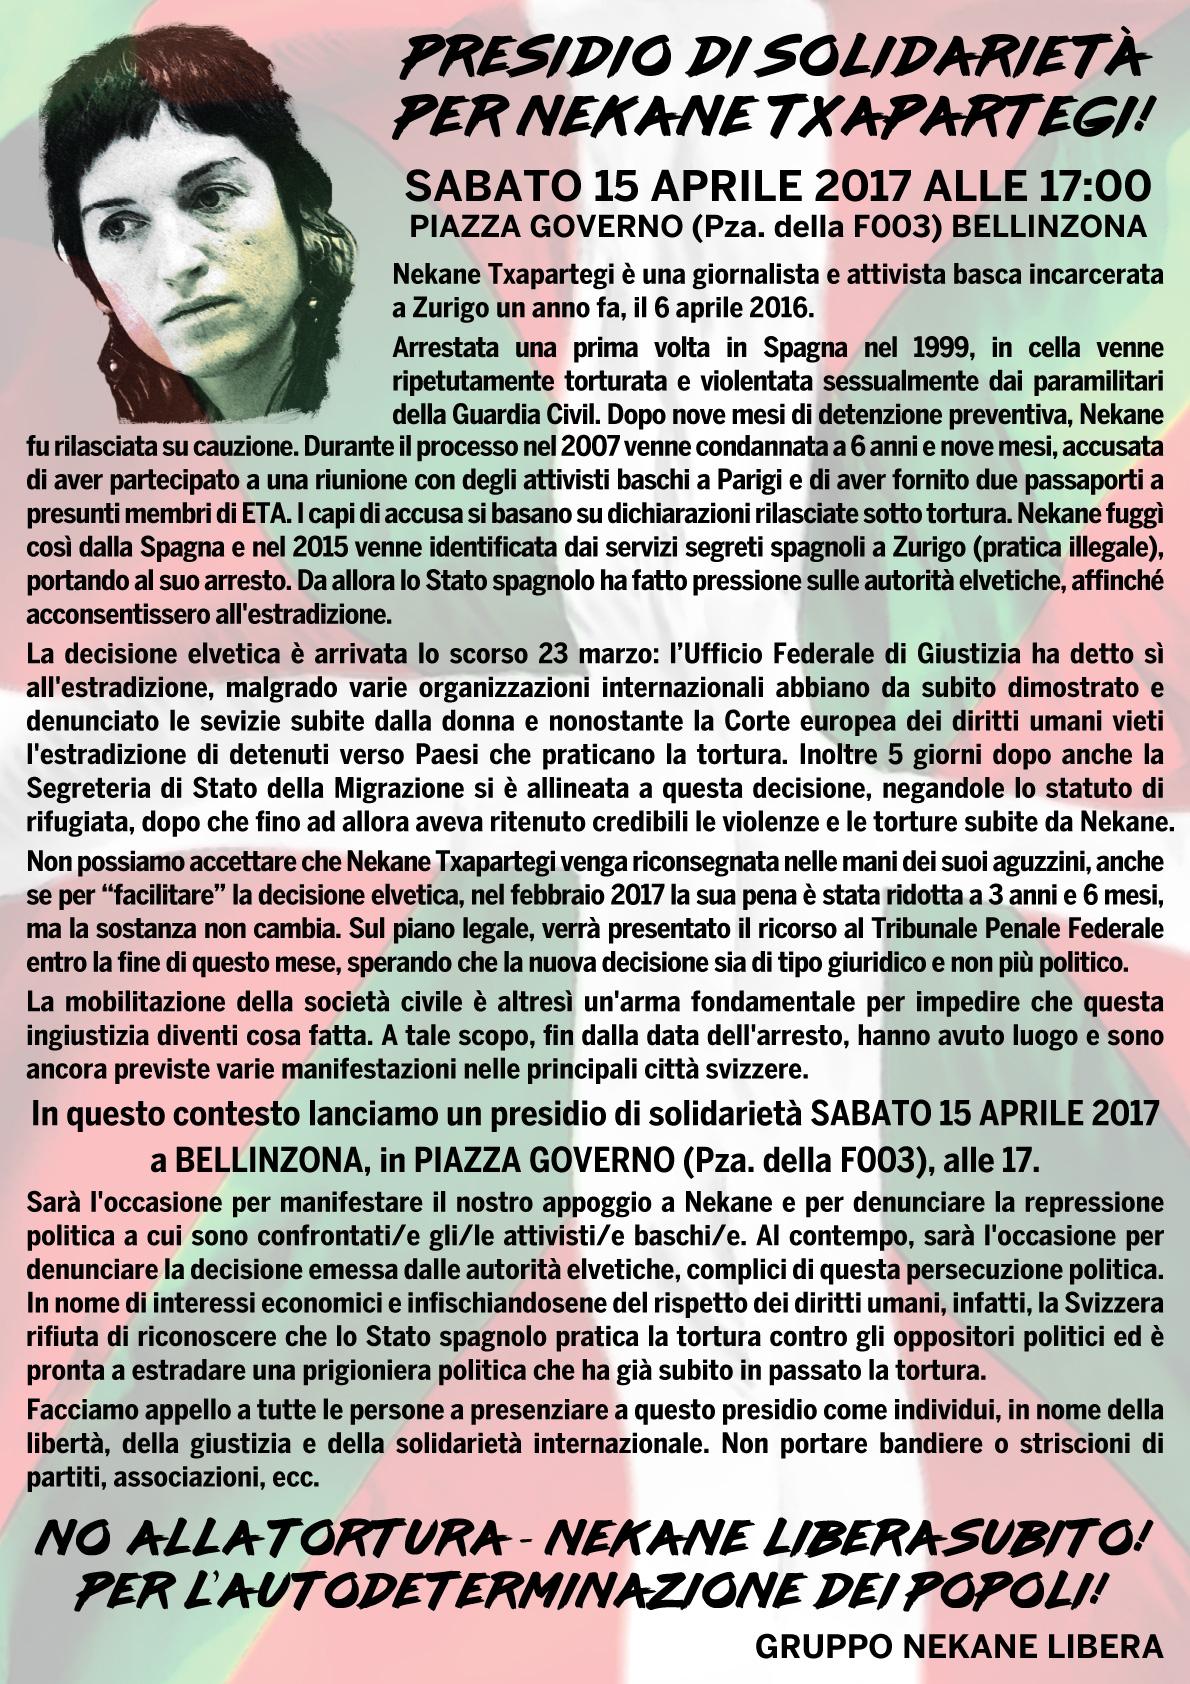 15.04.2017 - Presidio di Solidarietà per Nekane Txapartegi 1